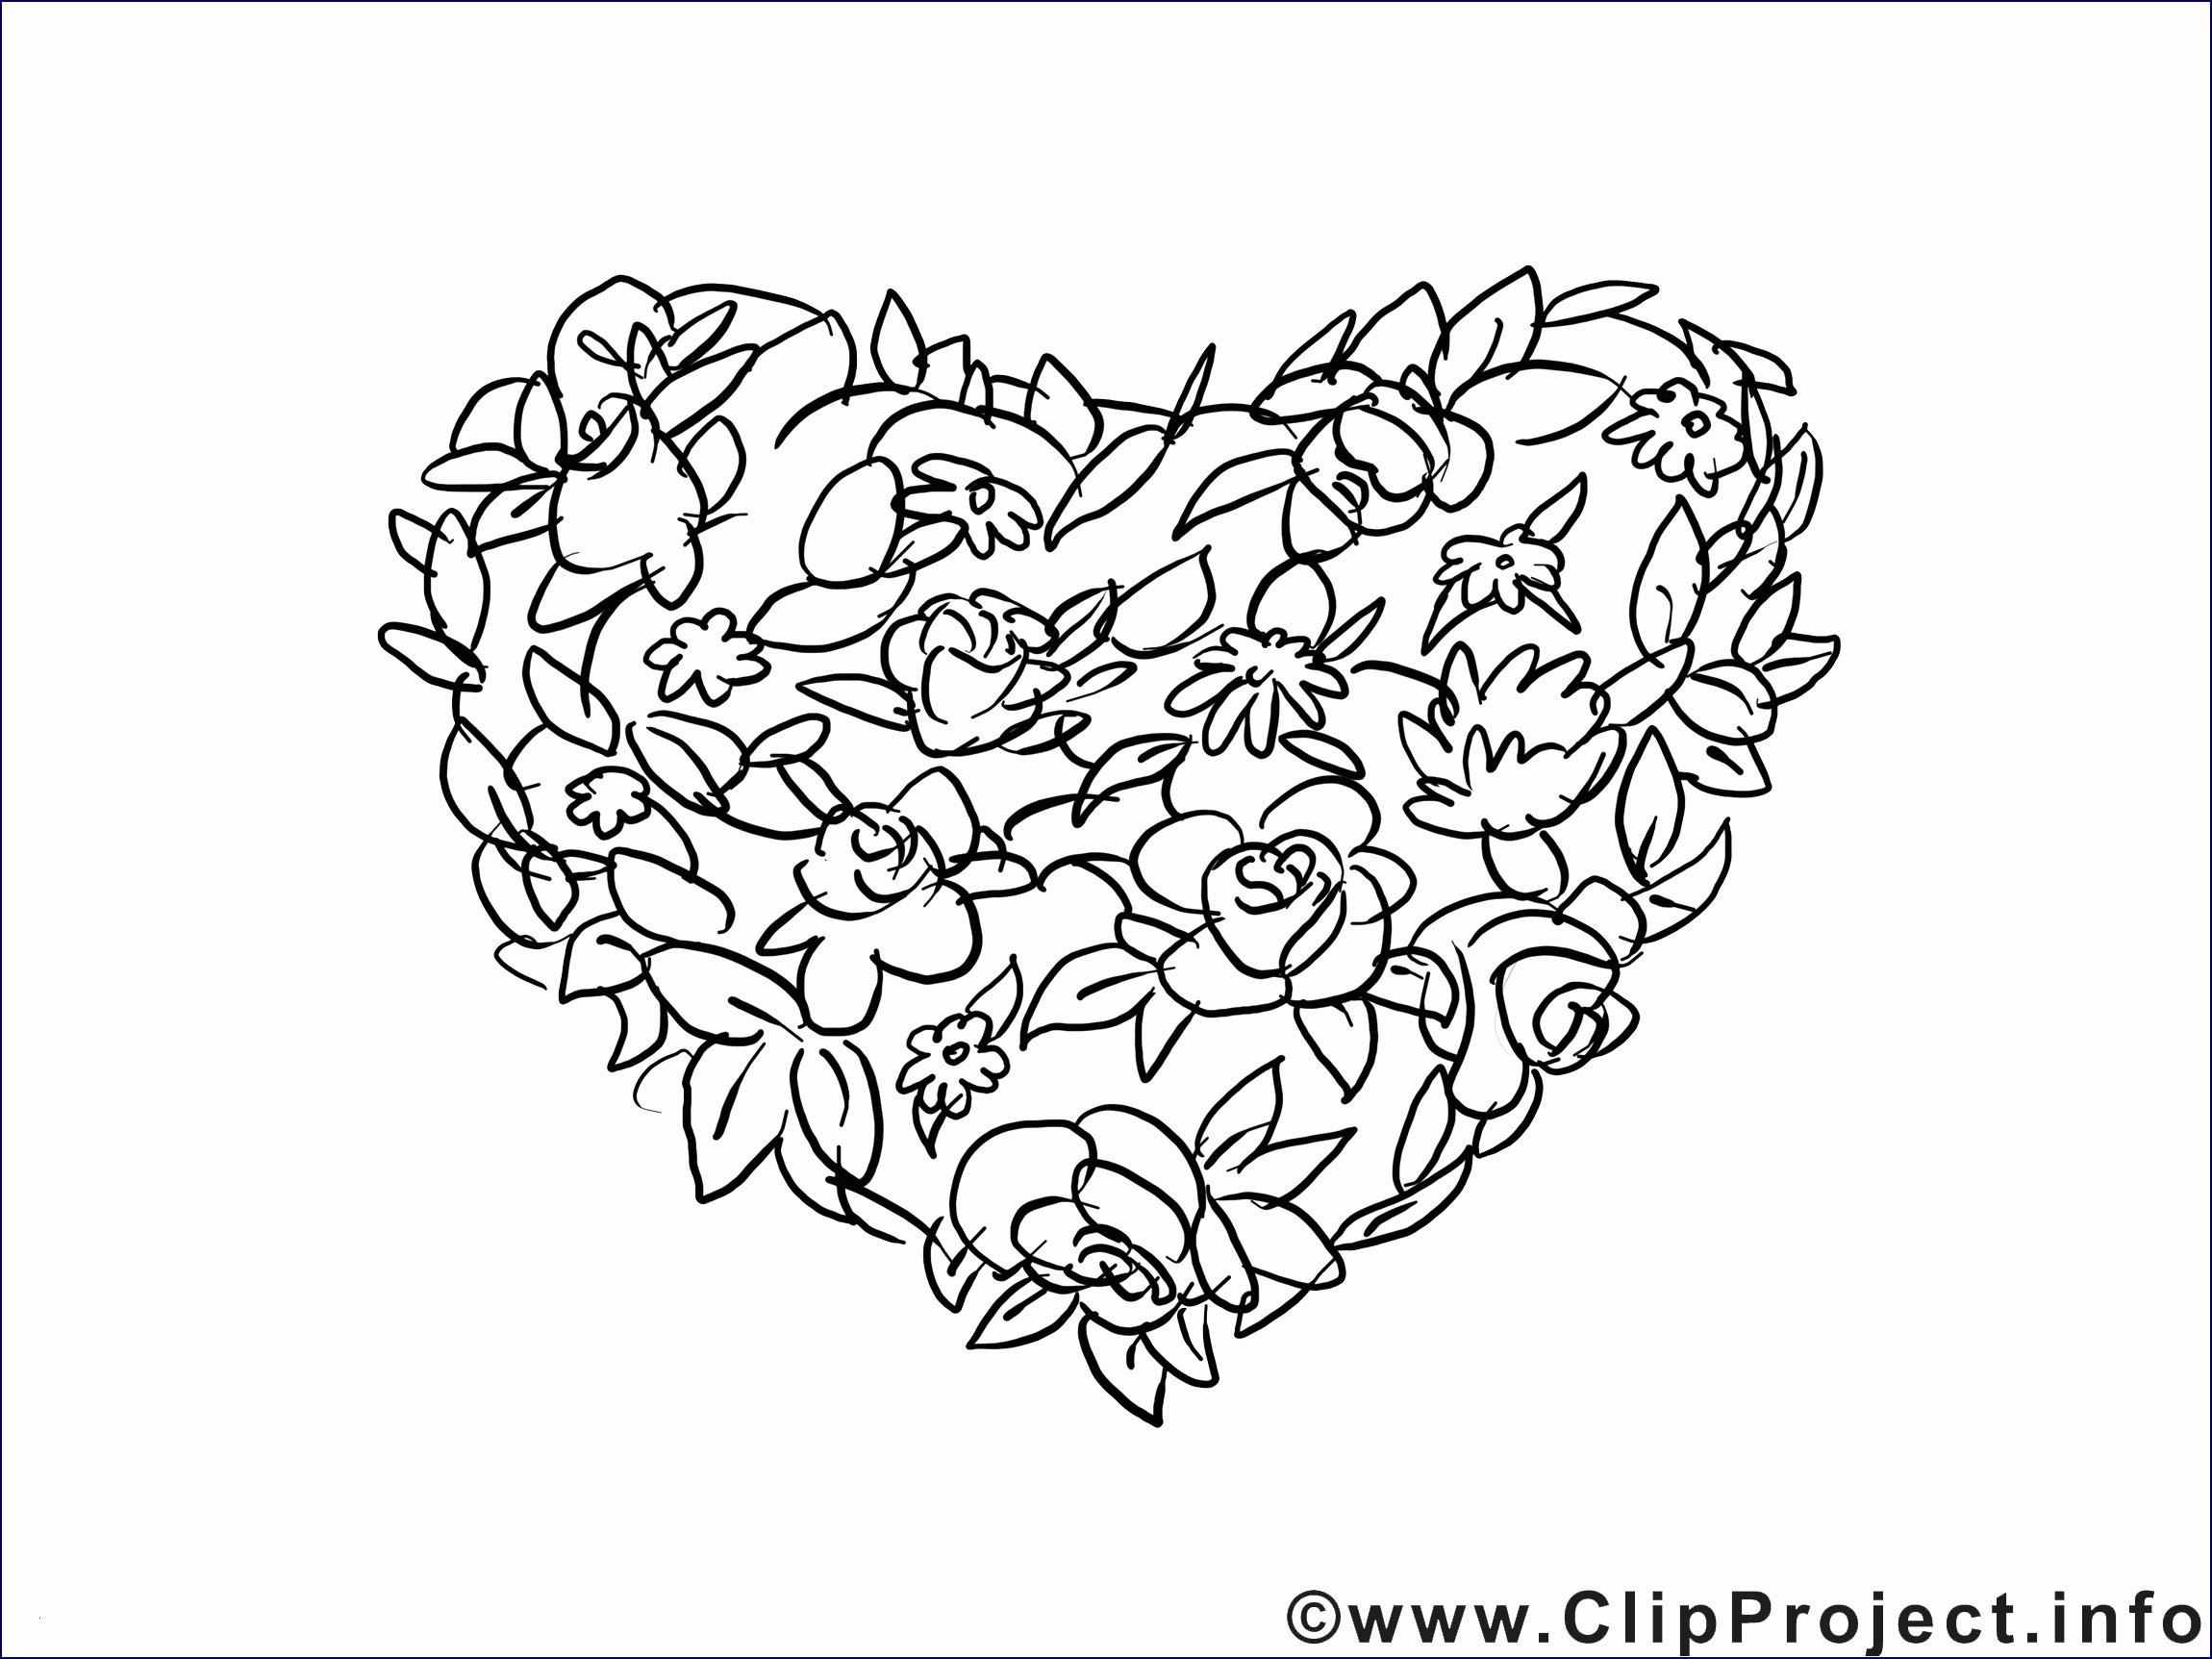 Fliegender Papagei Malvorlage Das Beste Von Herzen Ausmalbilder Schön Herz Vorlage Zum Ausdrucken Uploadertalk Fotos